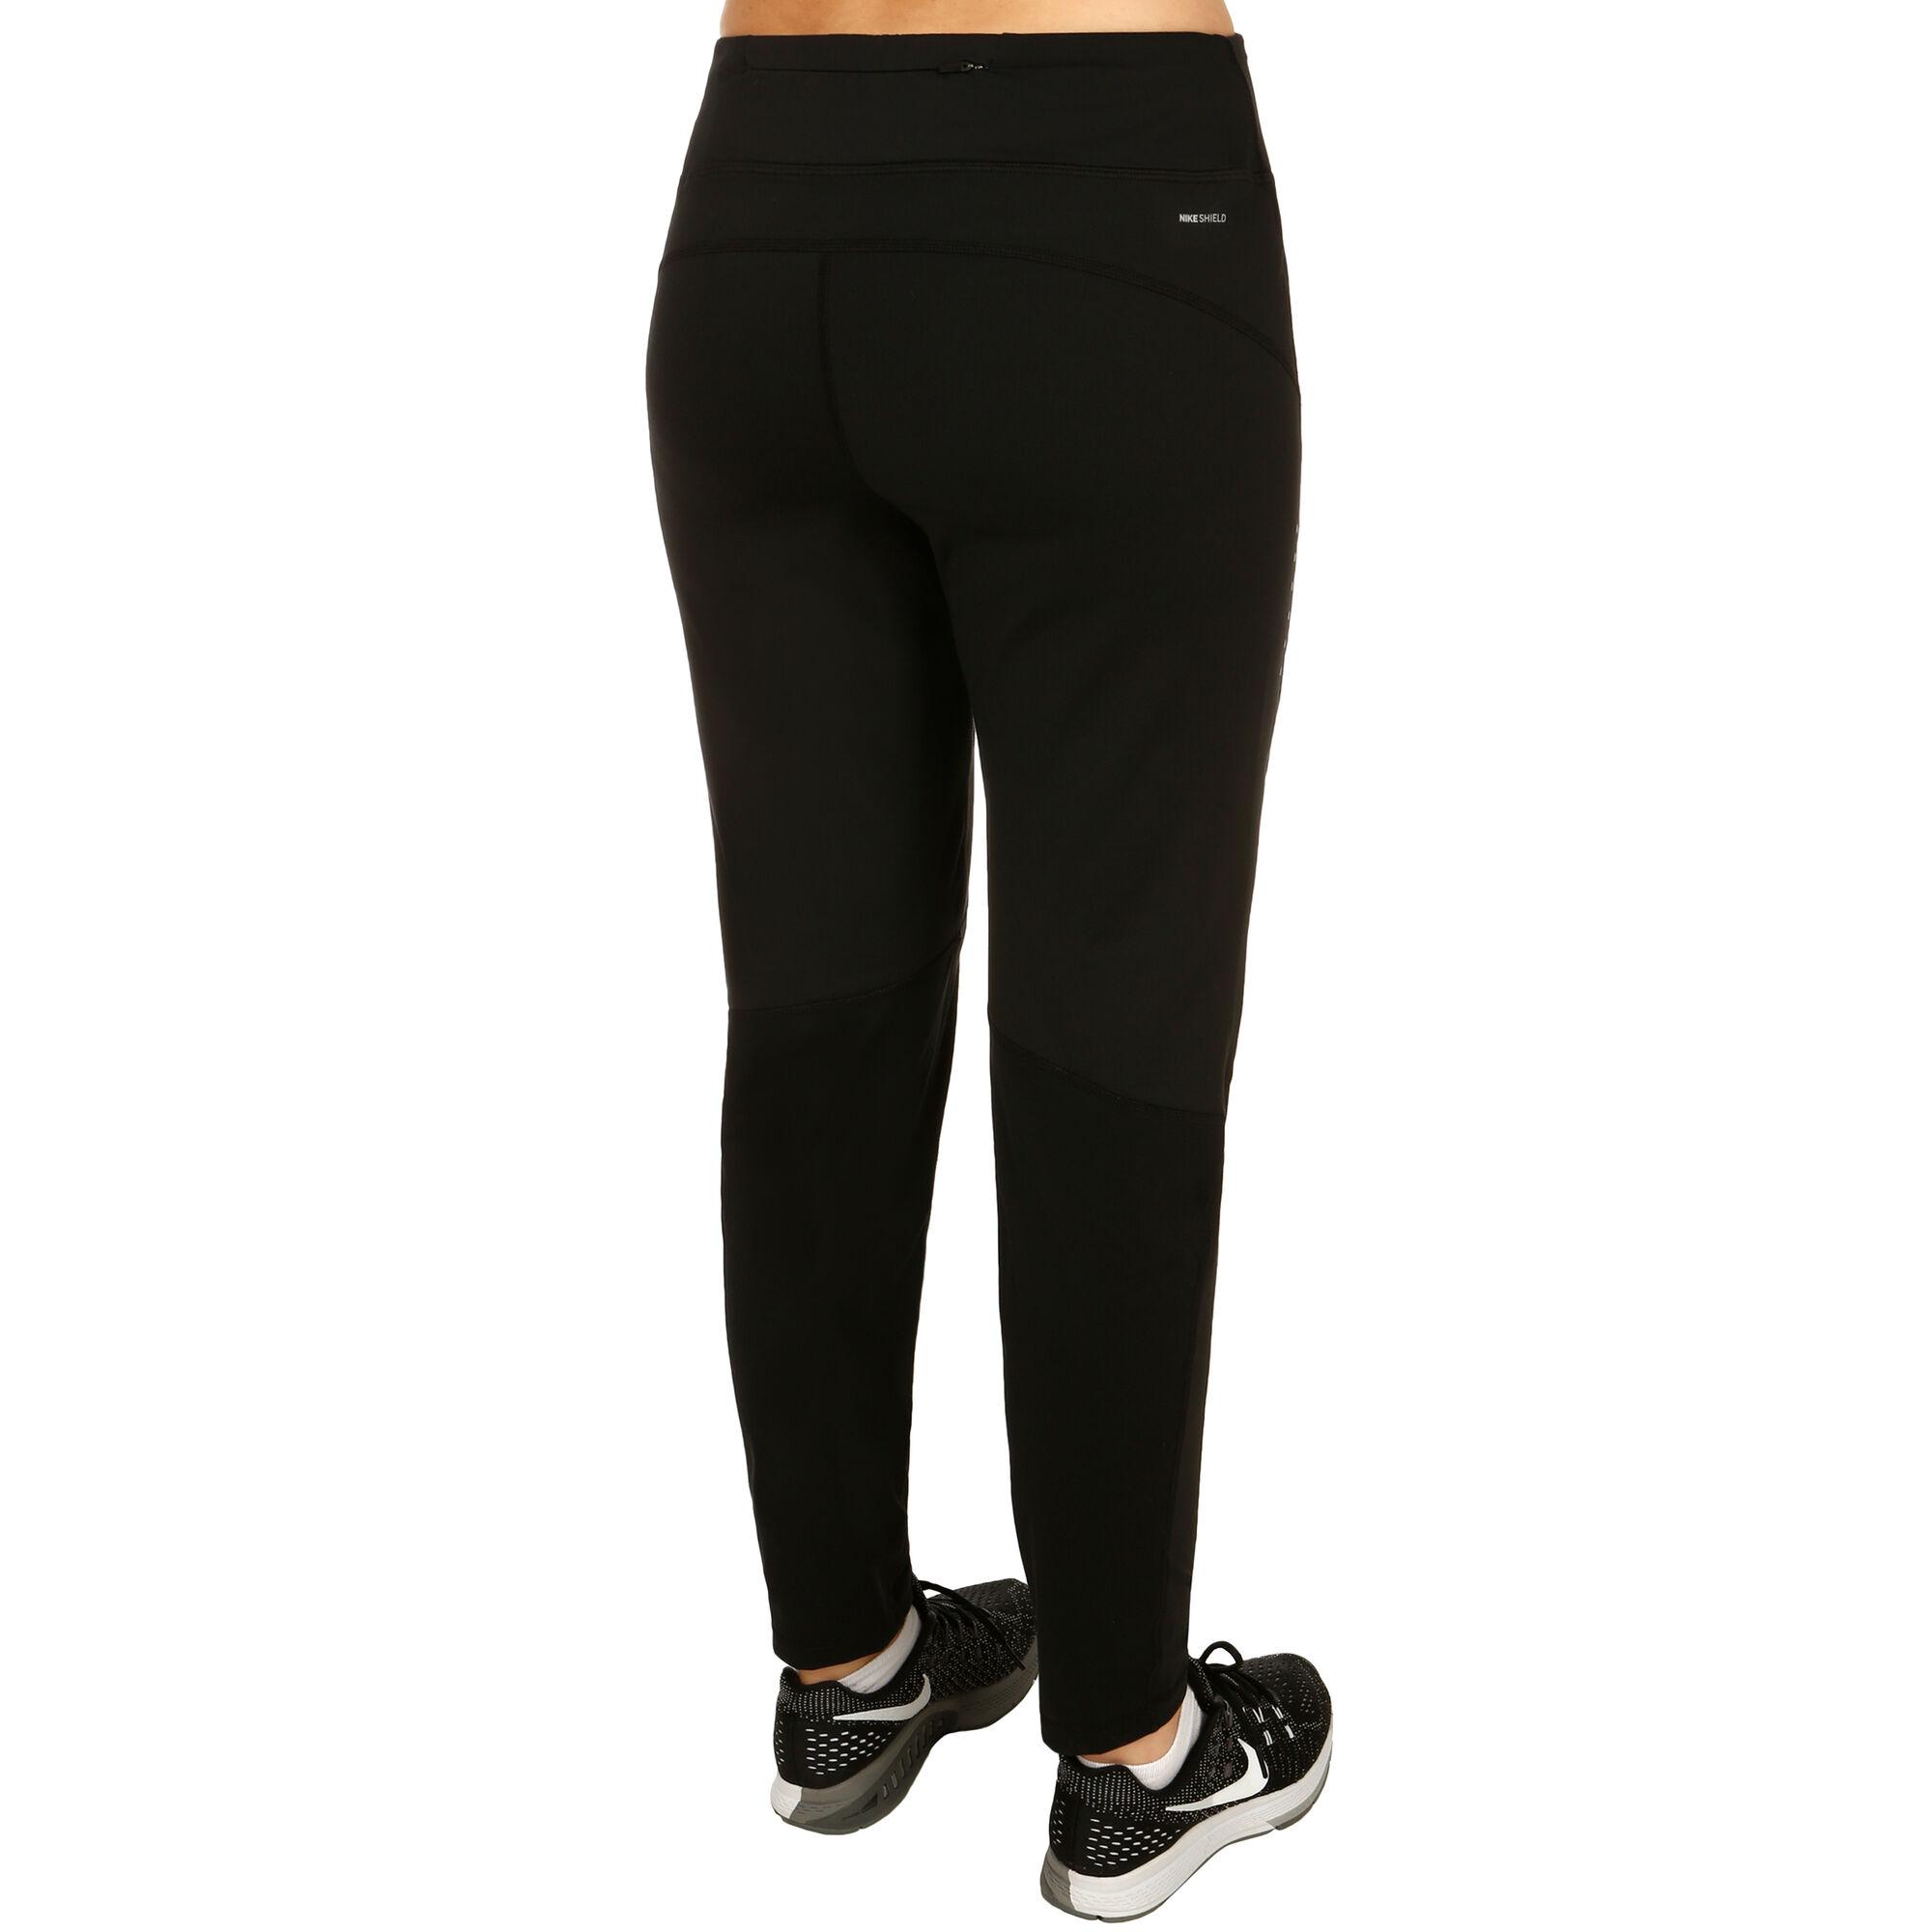 c673e074111b ... Nike · Nike · Nike · Nike · Nike · Nike. Shield Pant Women ...